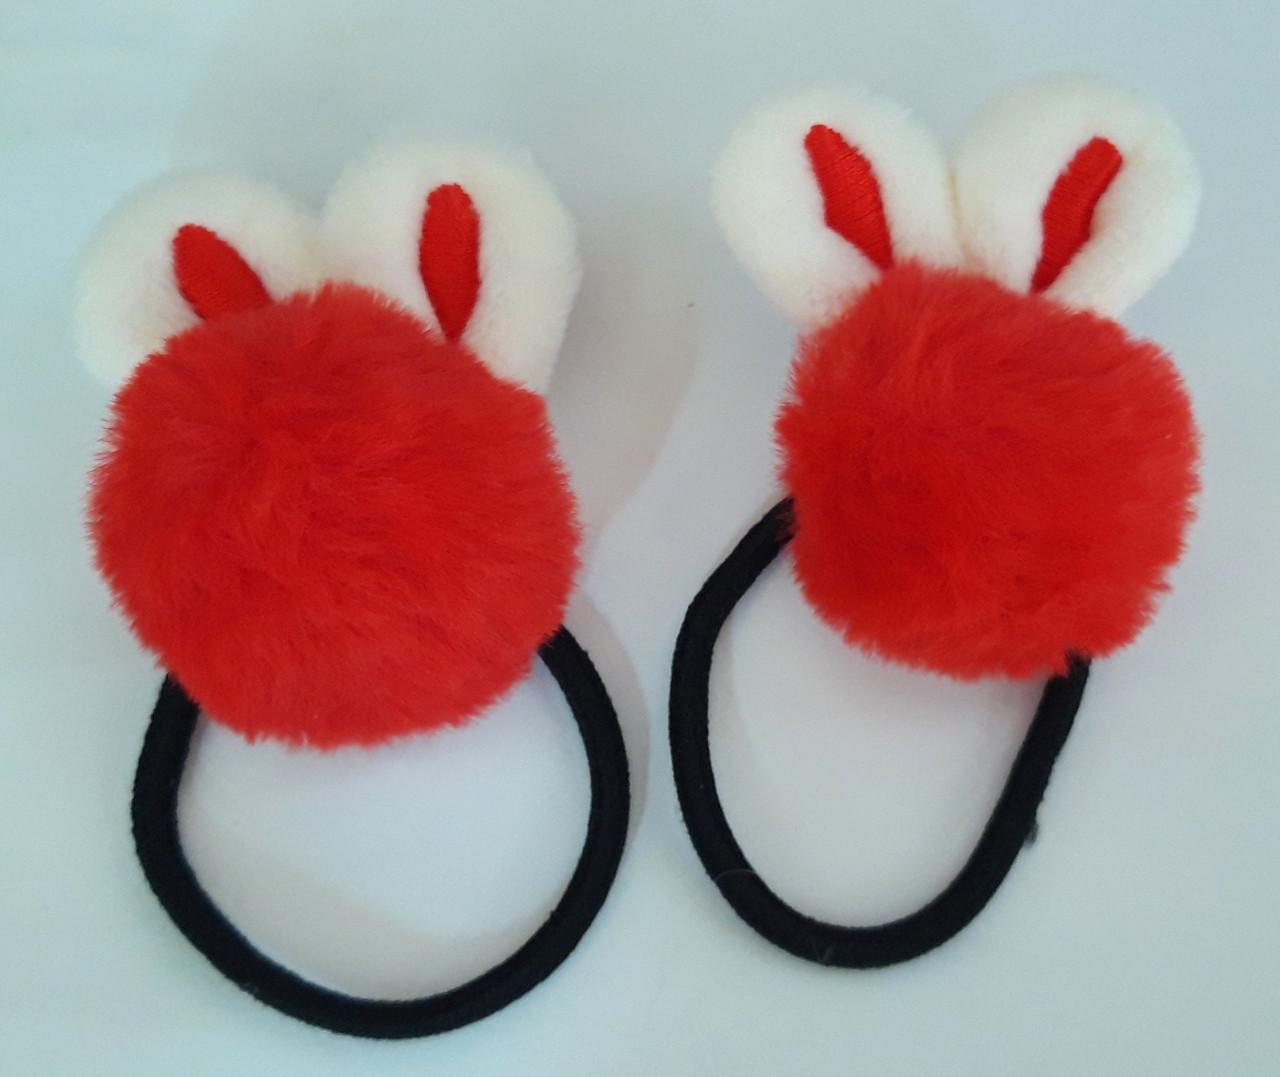 Детские резинки для волос пушистые 2 шт, красный